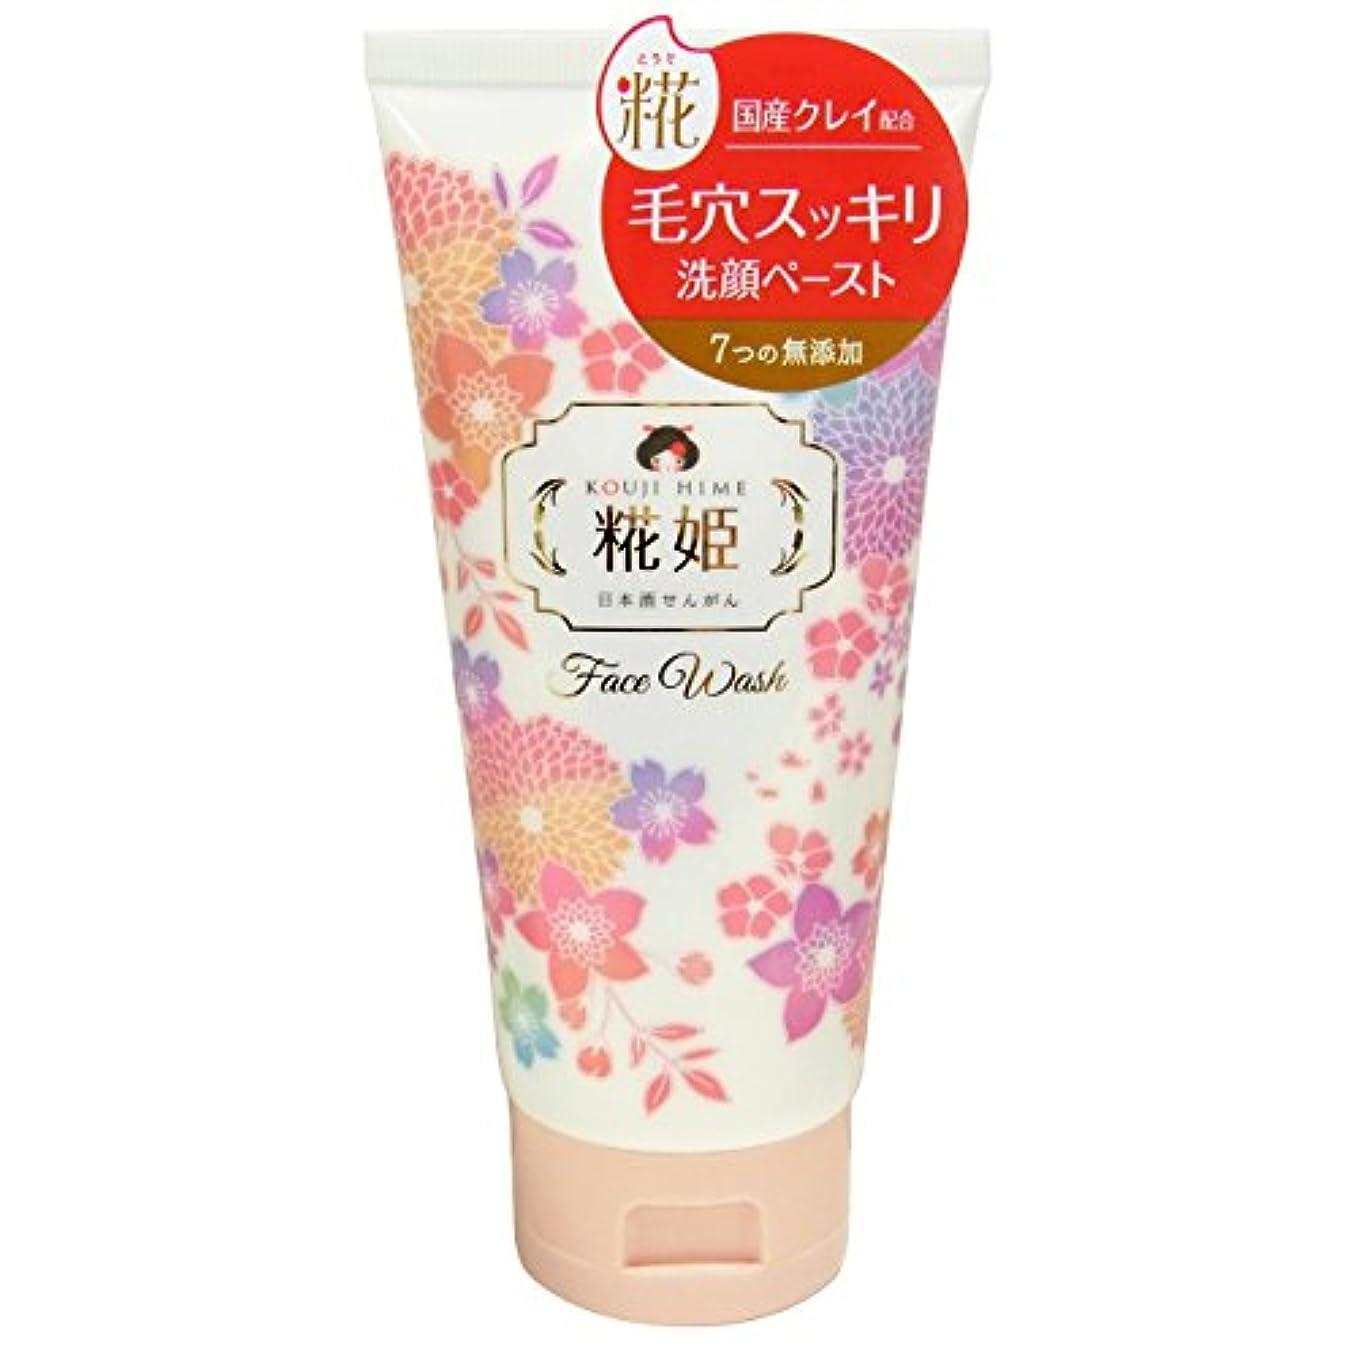 糀姫 洗顔料 せんがんぺーすと (100g)